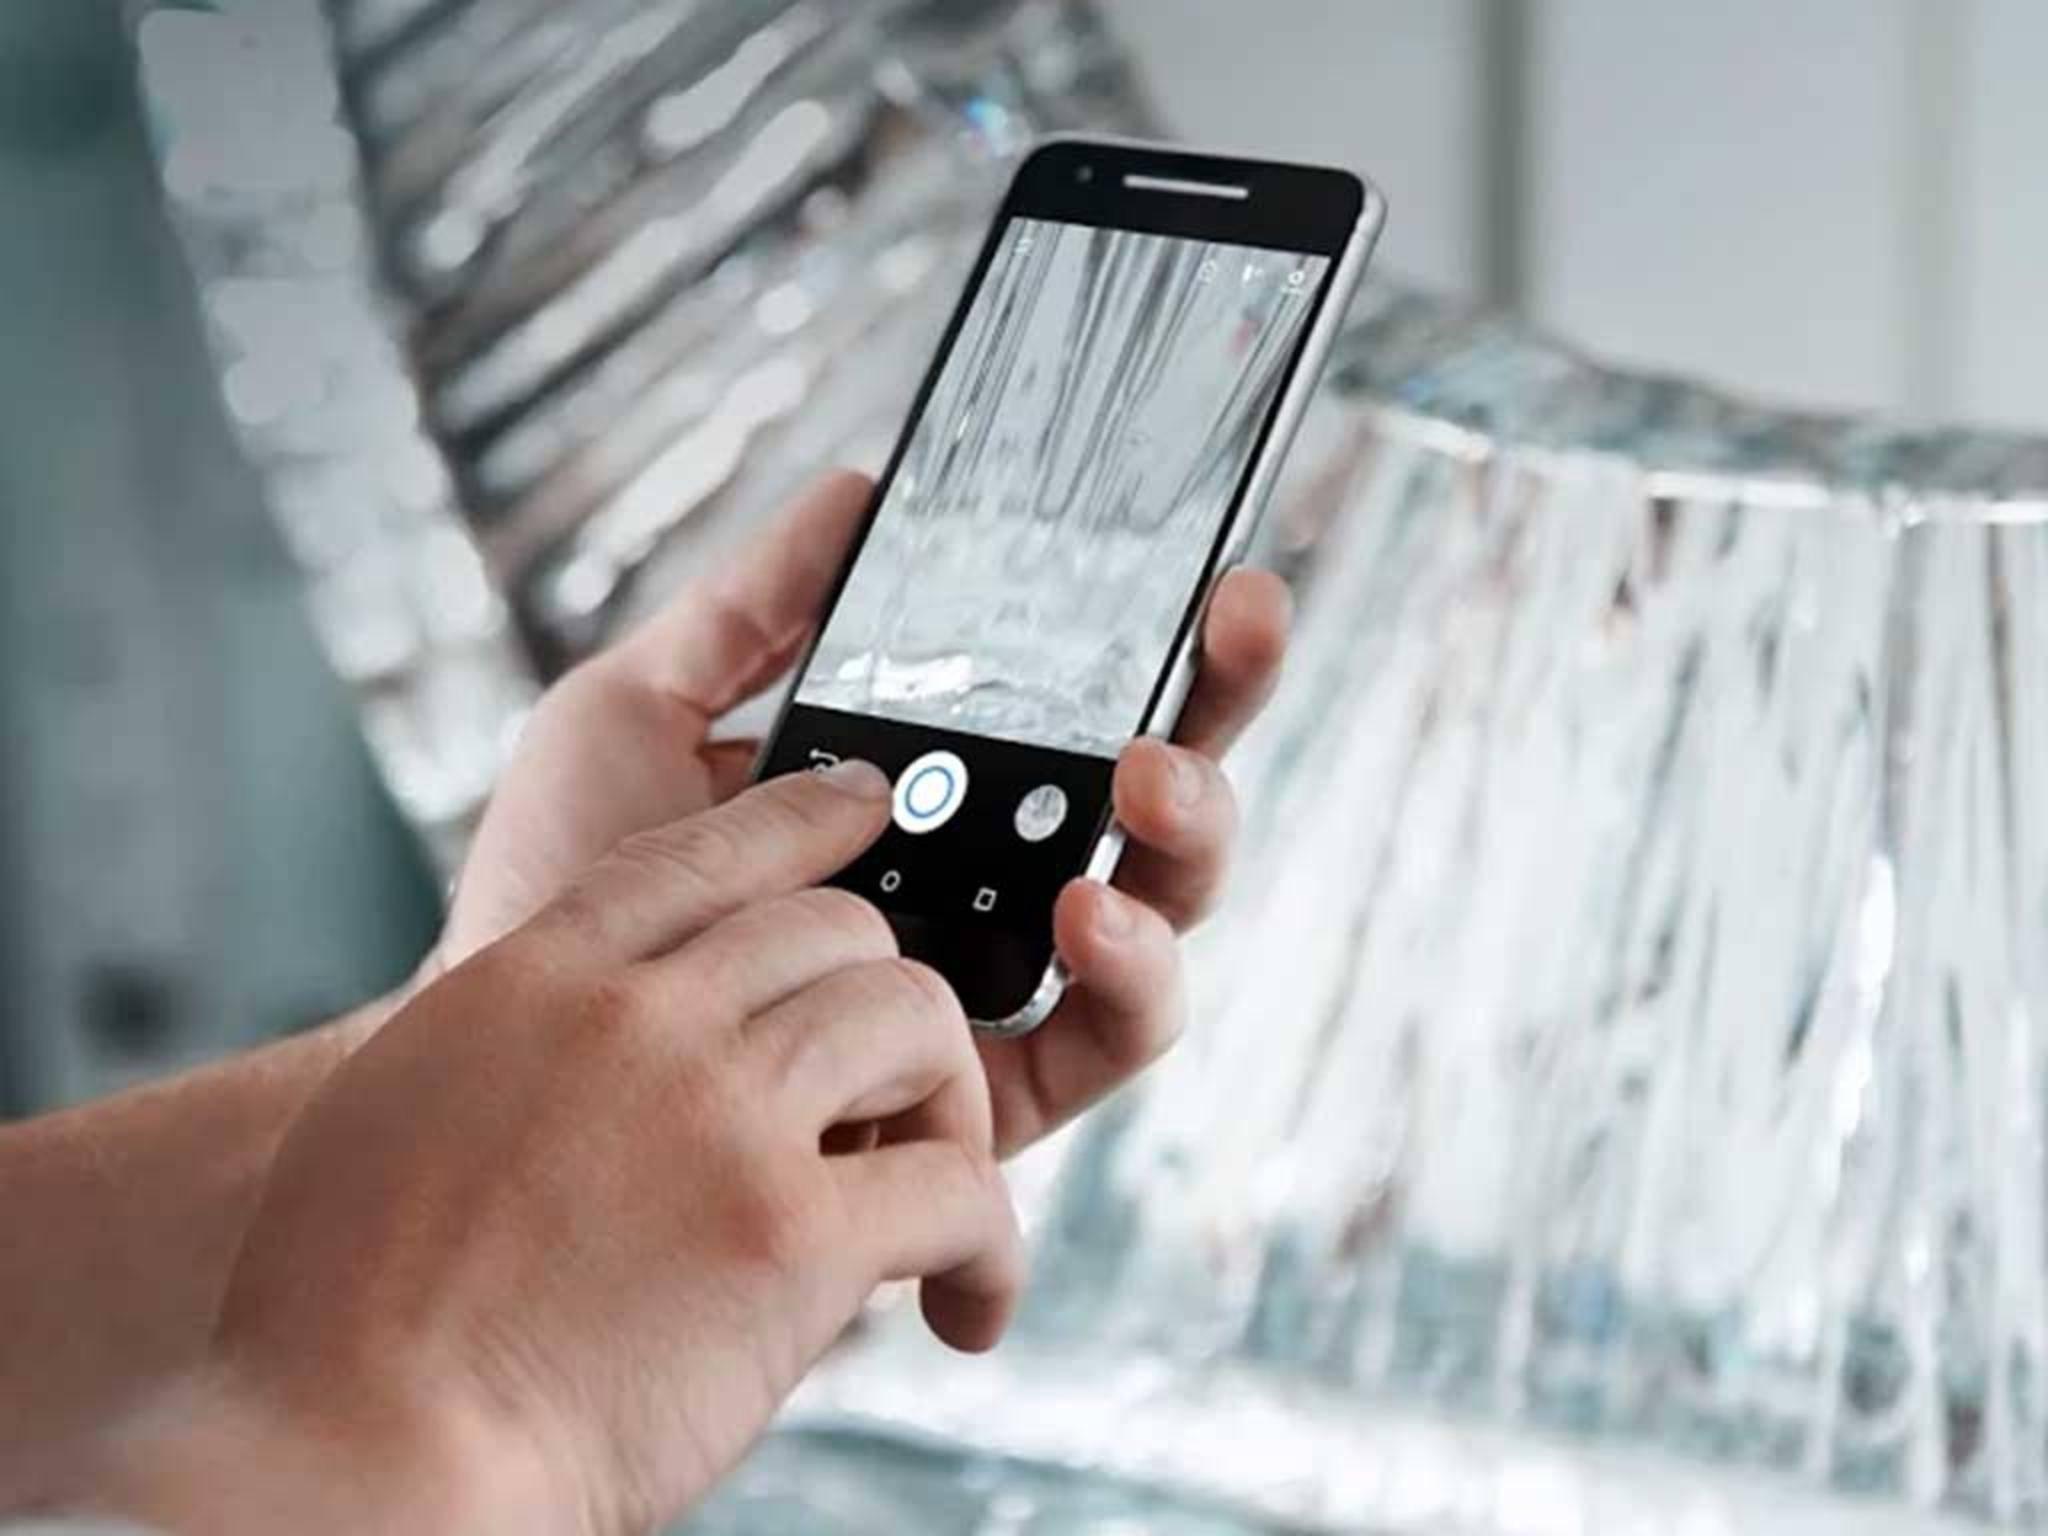 Baut Google demnächst eigene Nexus-Smartphones?